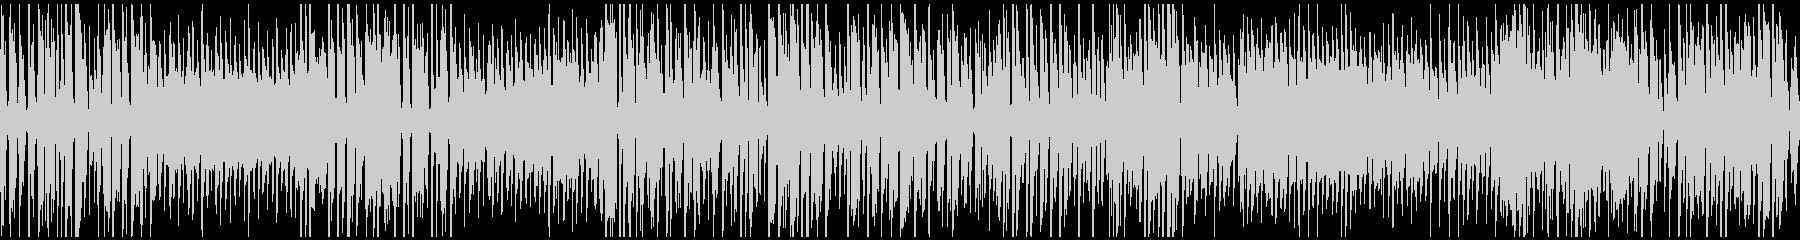 ハッピー遊園地系ジプシージャズ※ループ版の未再生の波形